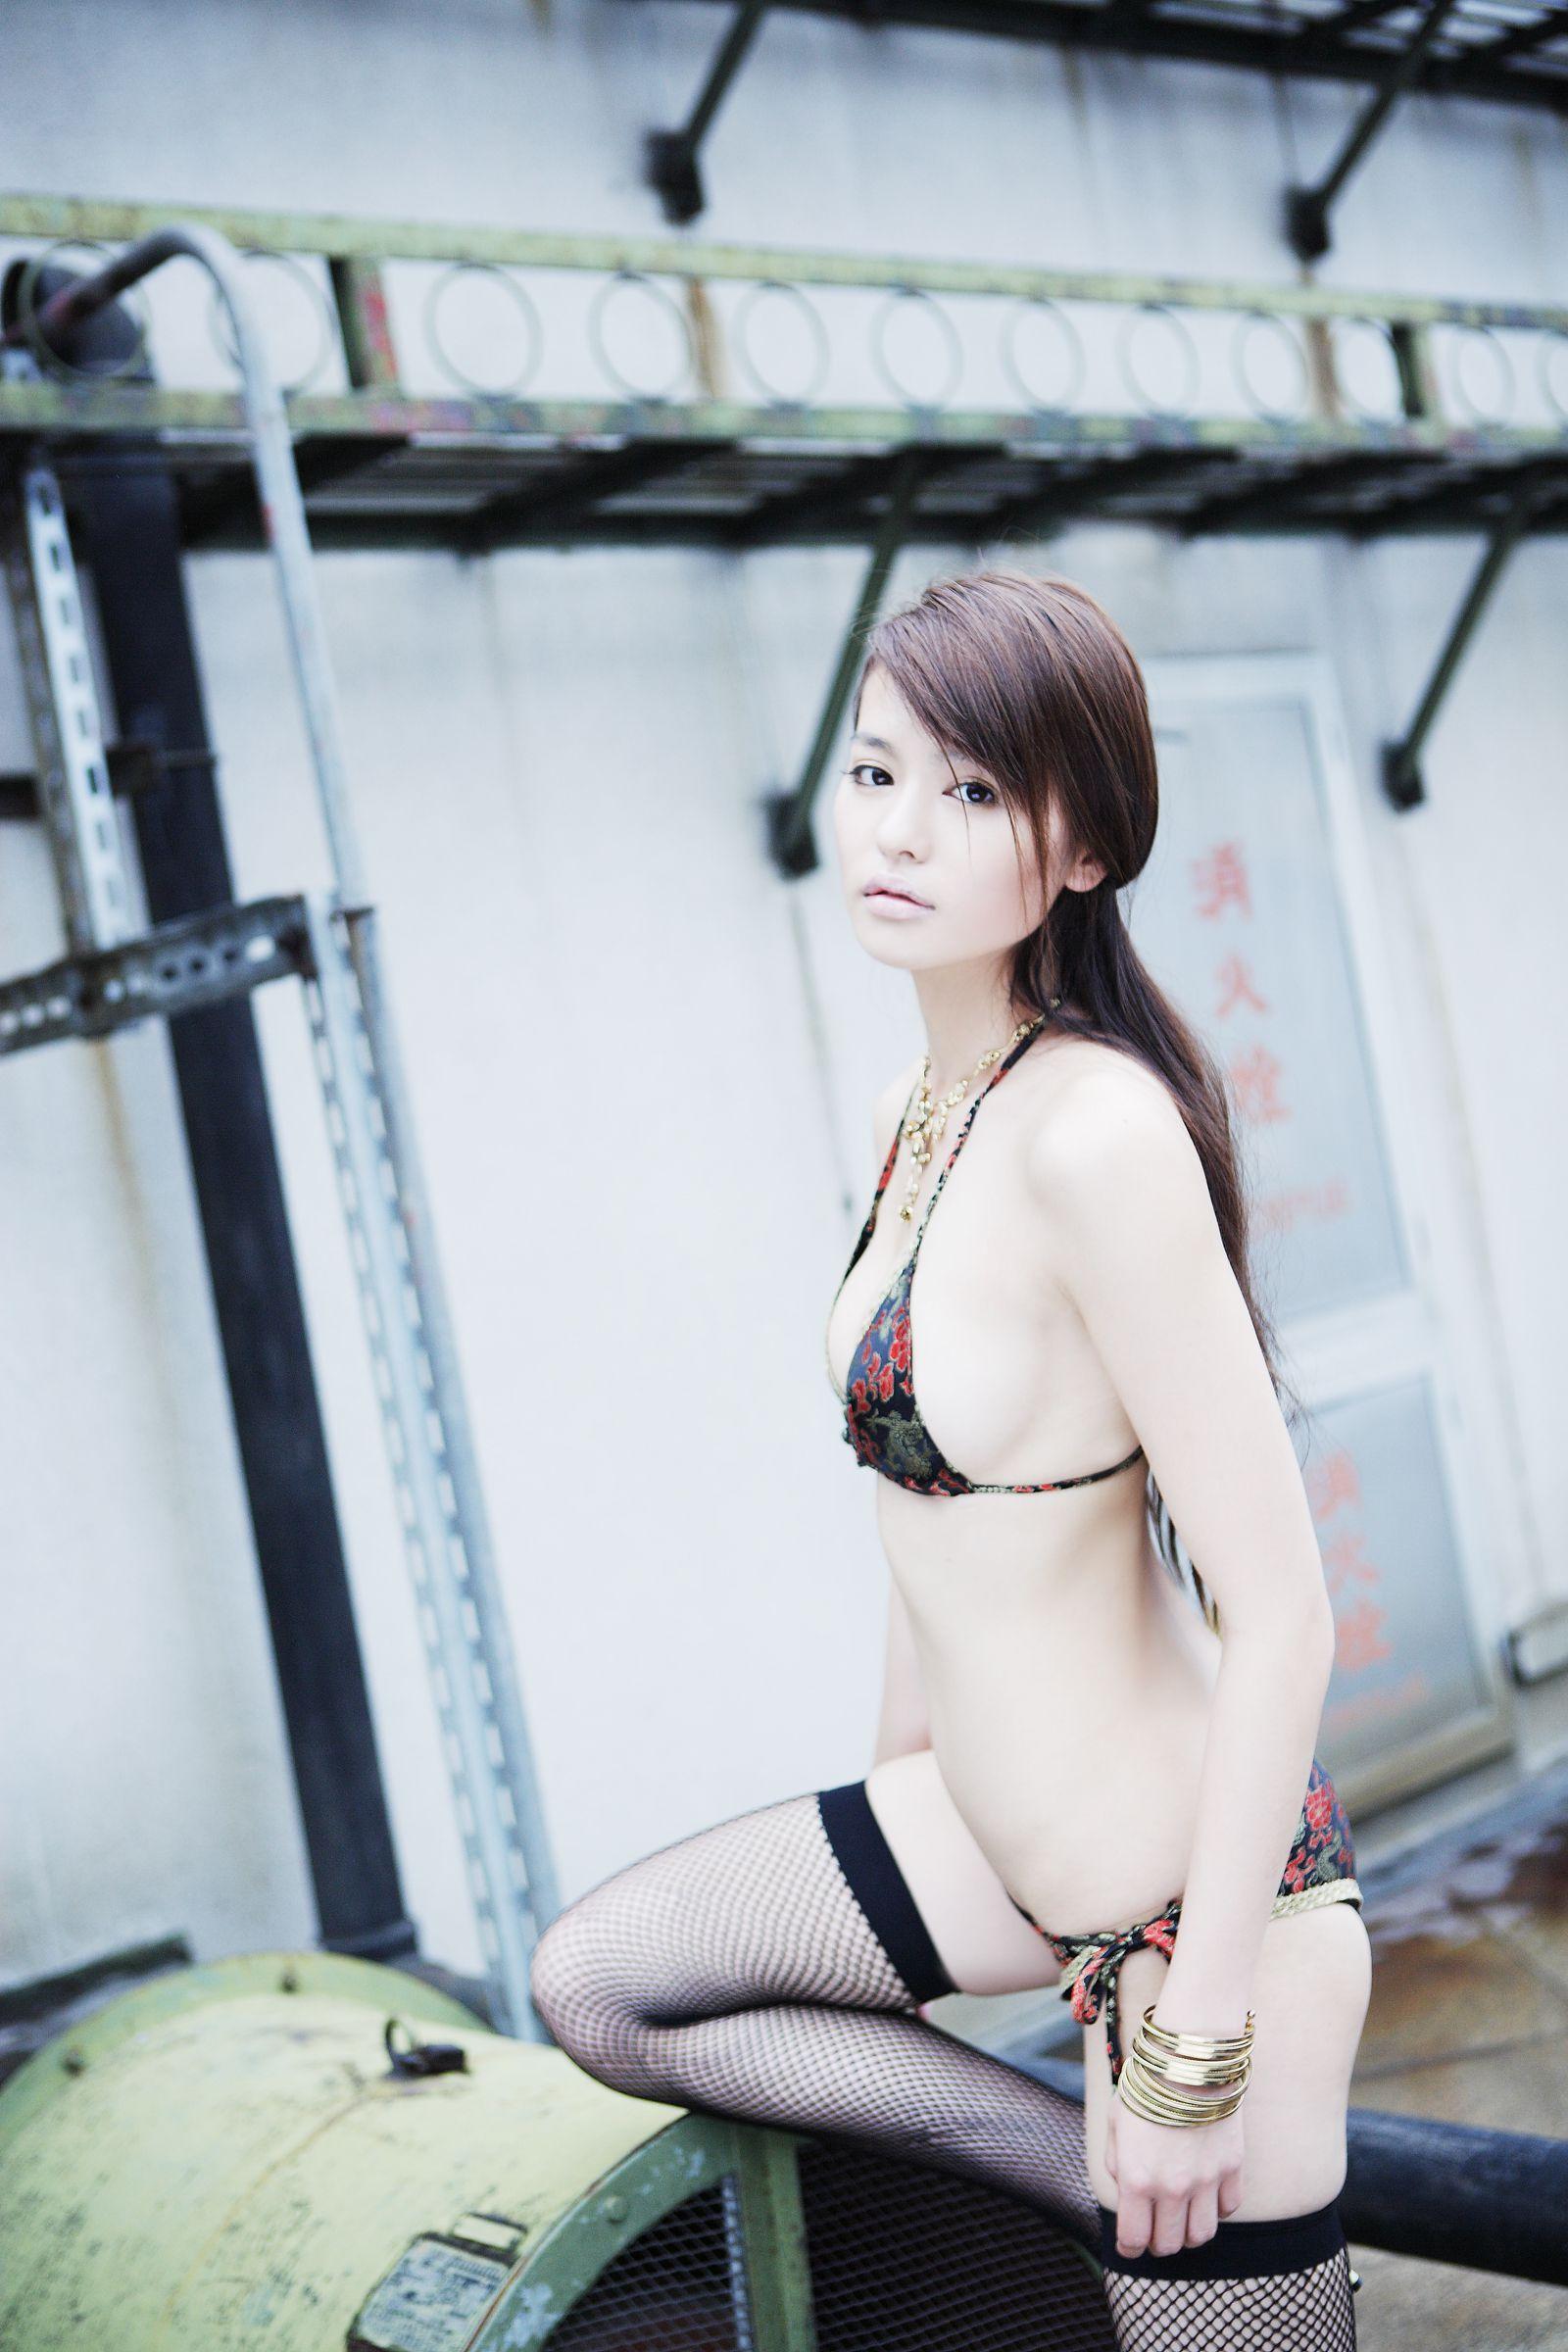 白鸟百合子、しらとり ゆりこ、Yuriko Shiratoni个人资料介绍,及其写真作品欣赏 美女精选 第4张